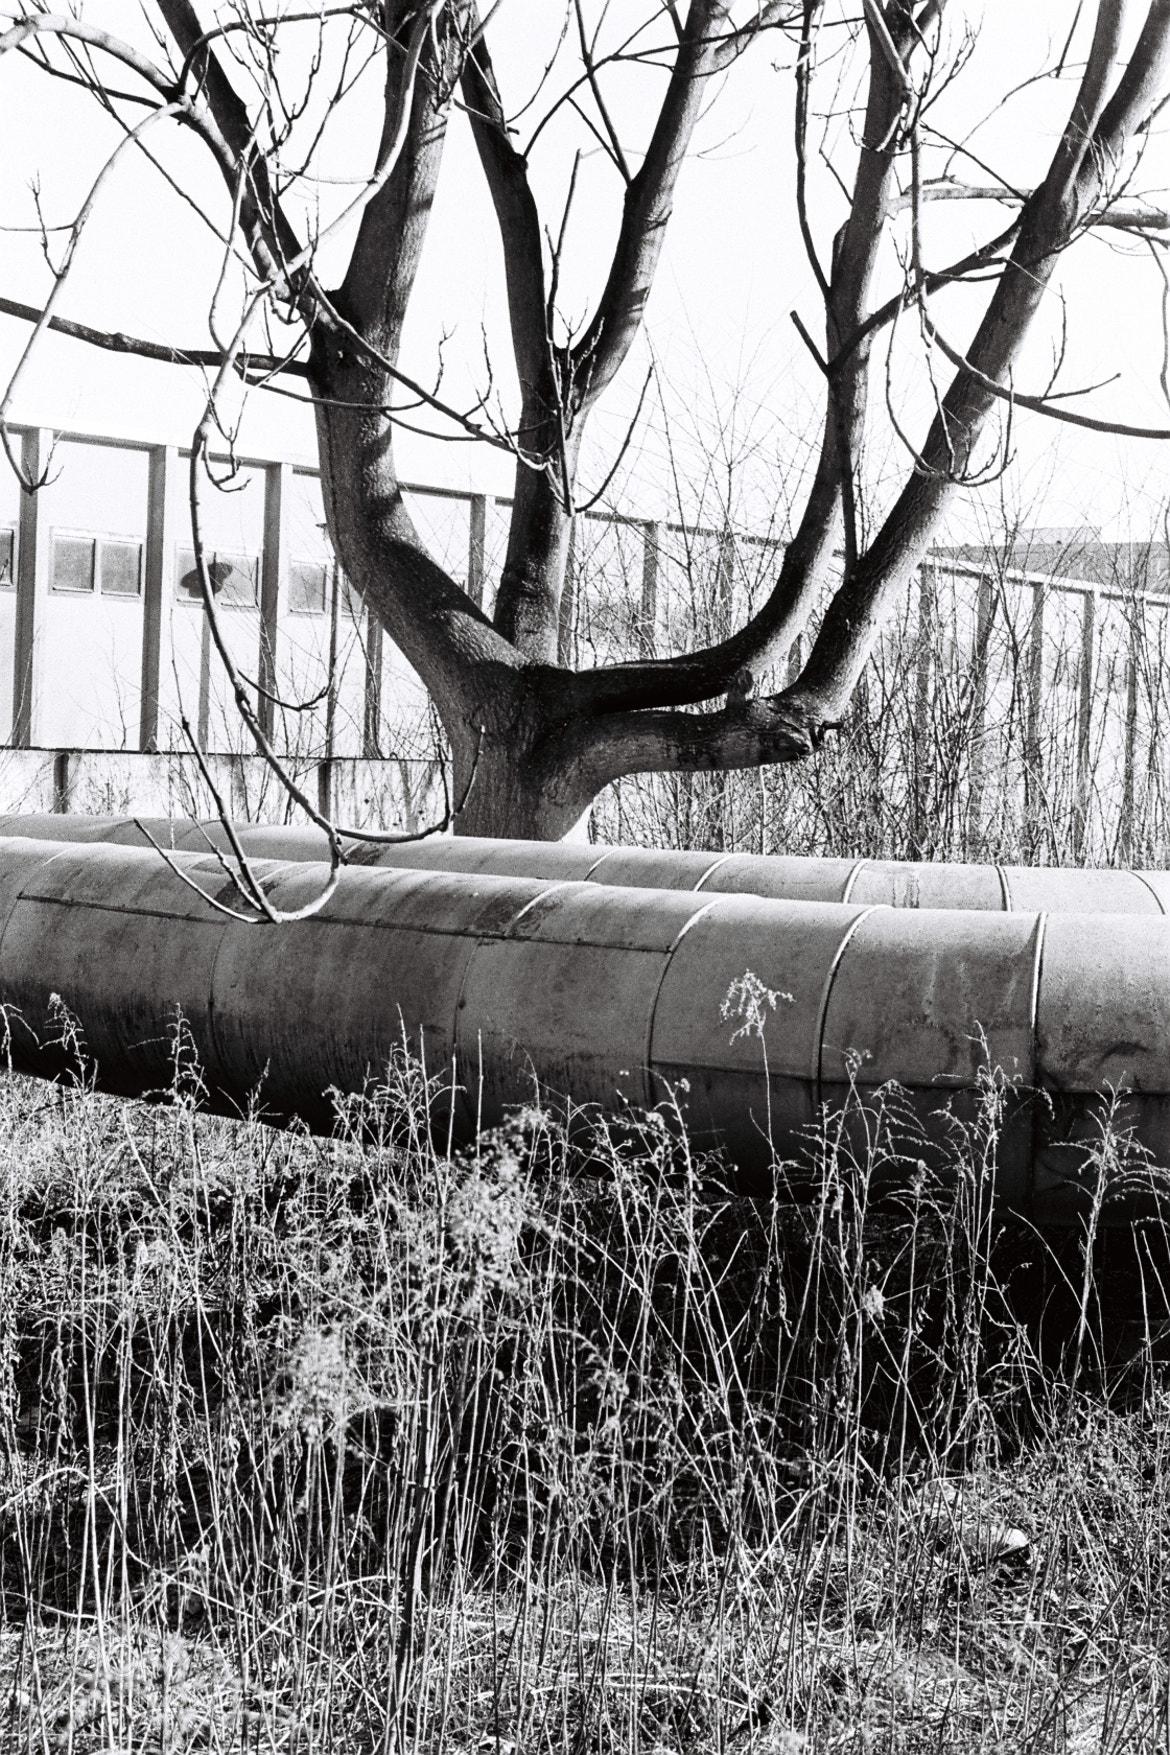 Photograph Berlin.Végétation.Plomberie by Oscar Hibou on 500px